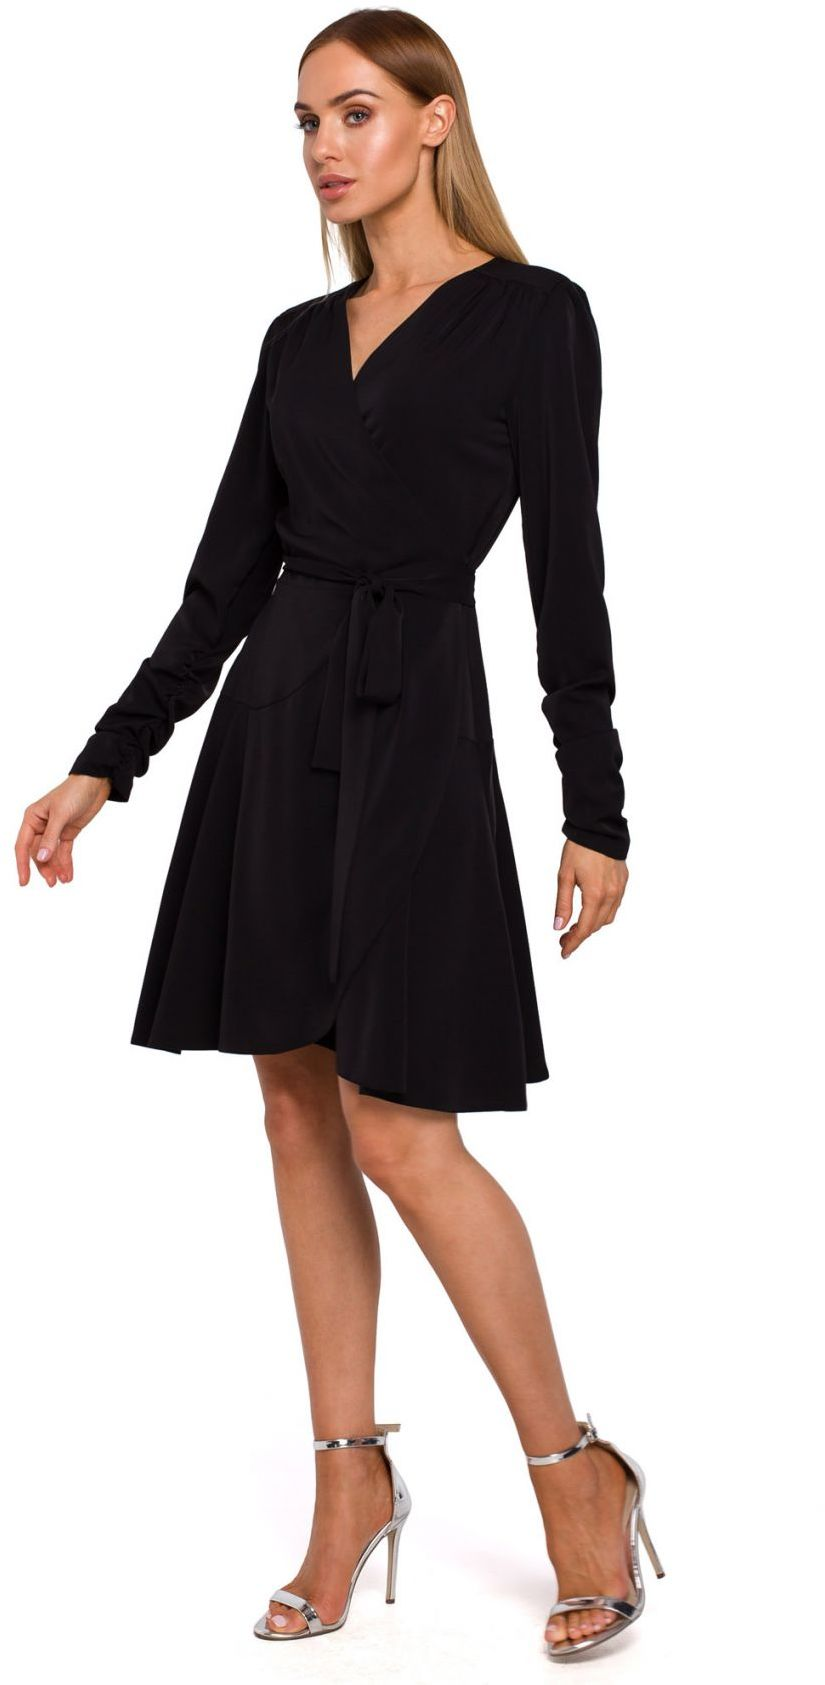 M487 Sukienka na zakładkę wiązana w pasie - czarna